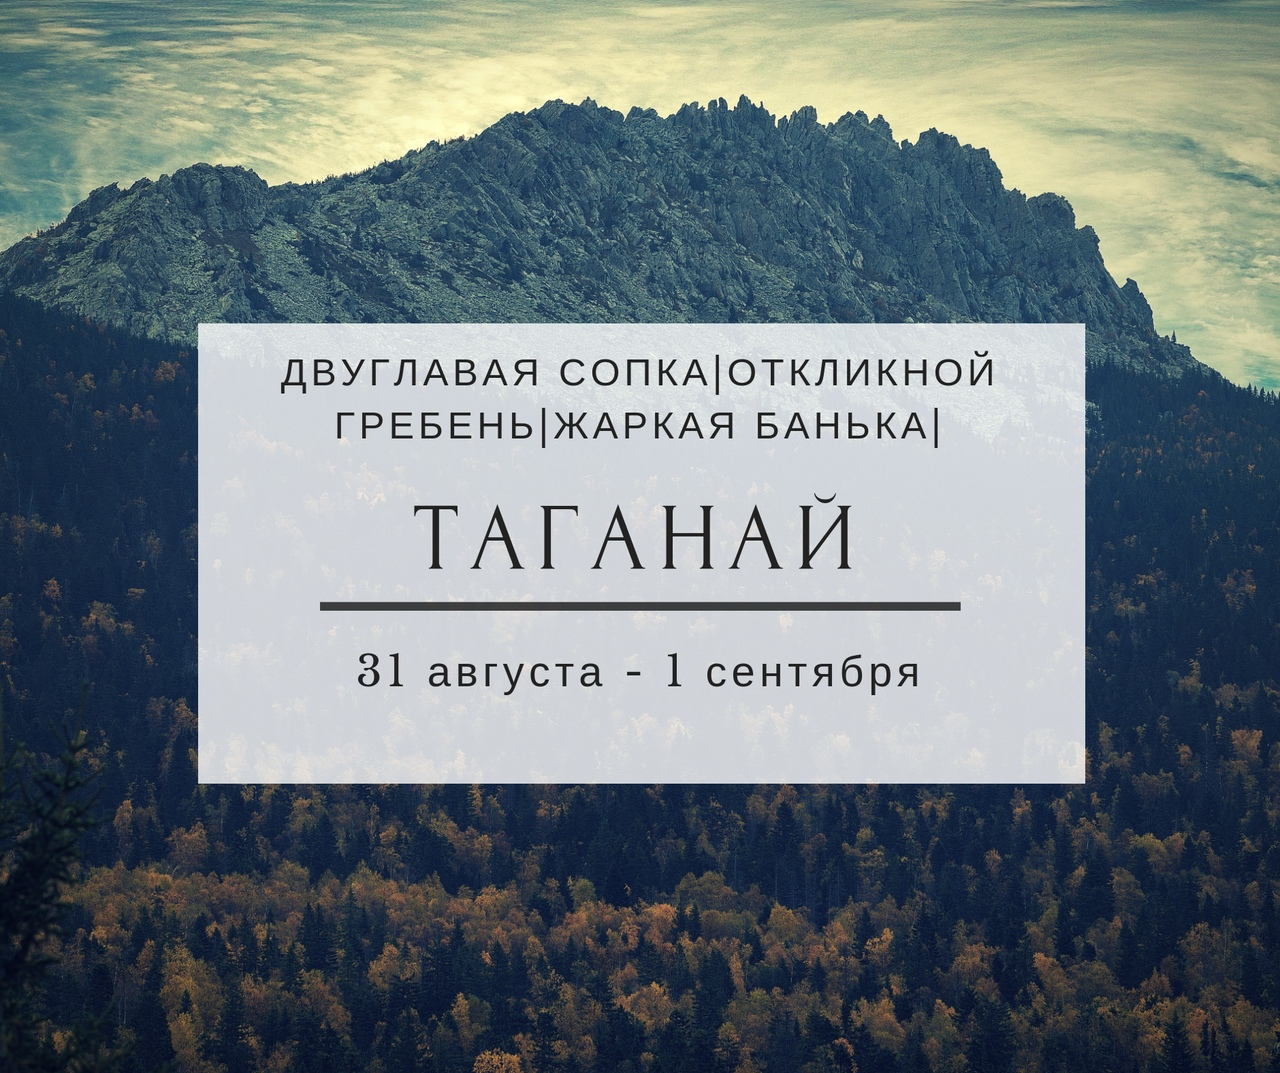 Афиша Тюмень ТАГАНАЙ: осень в рюкзаке / 31.08 - 01.09